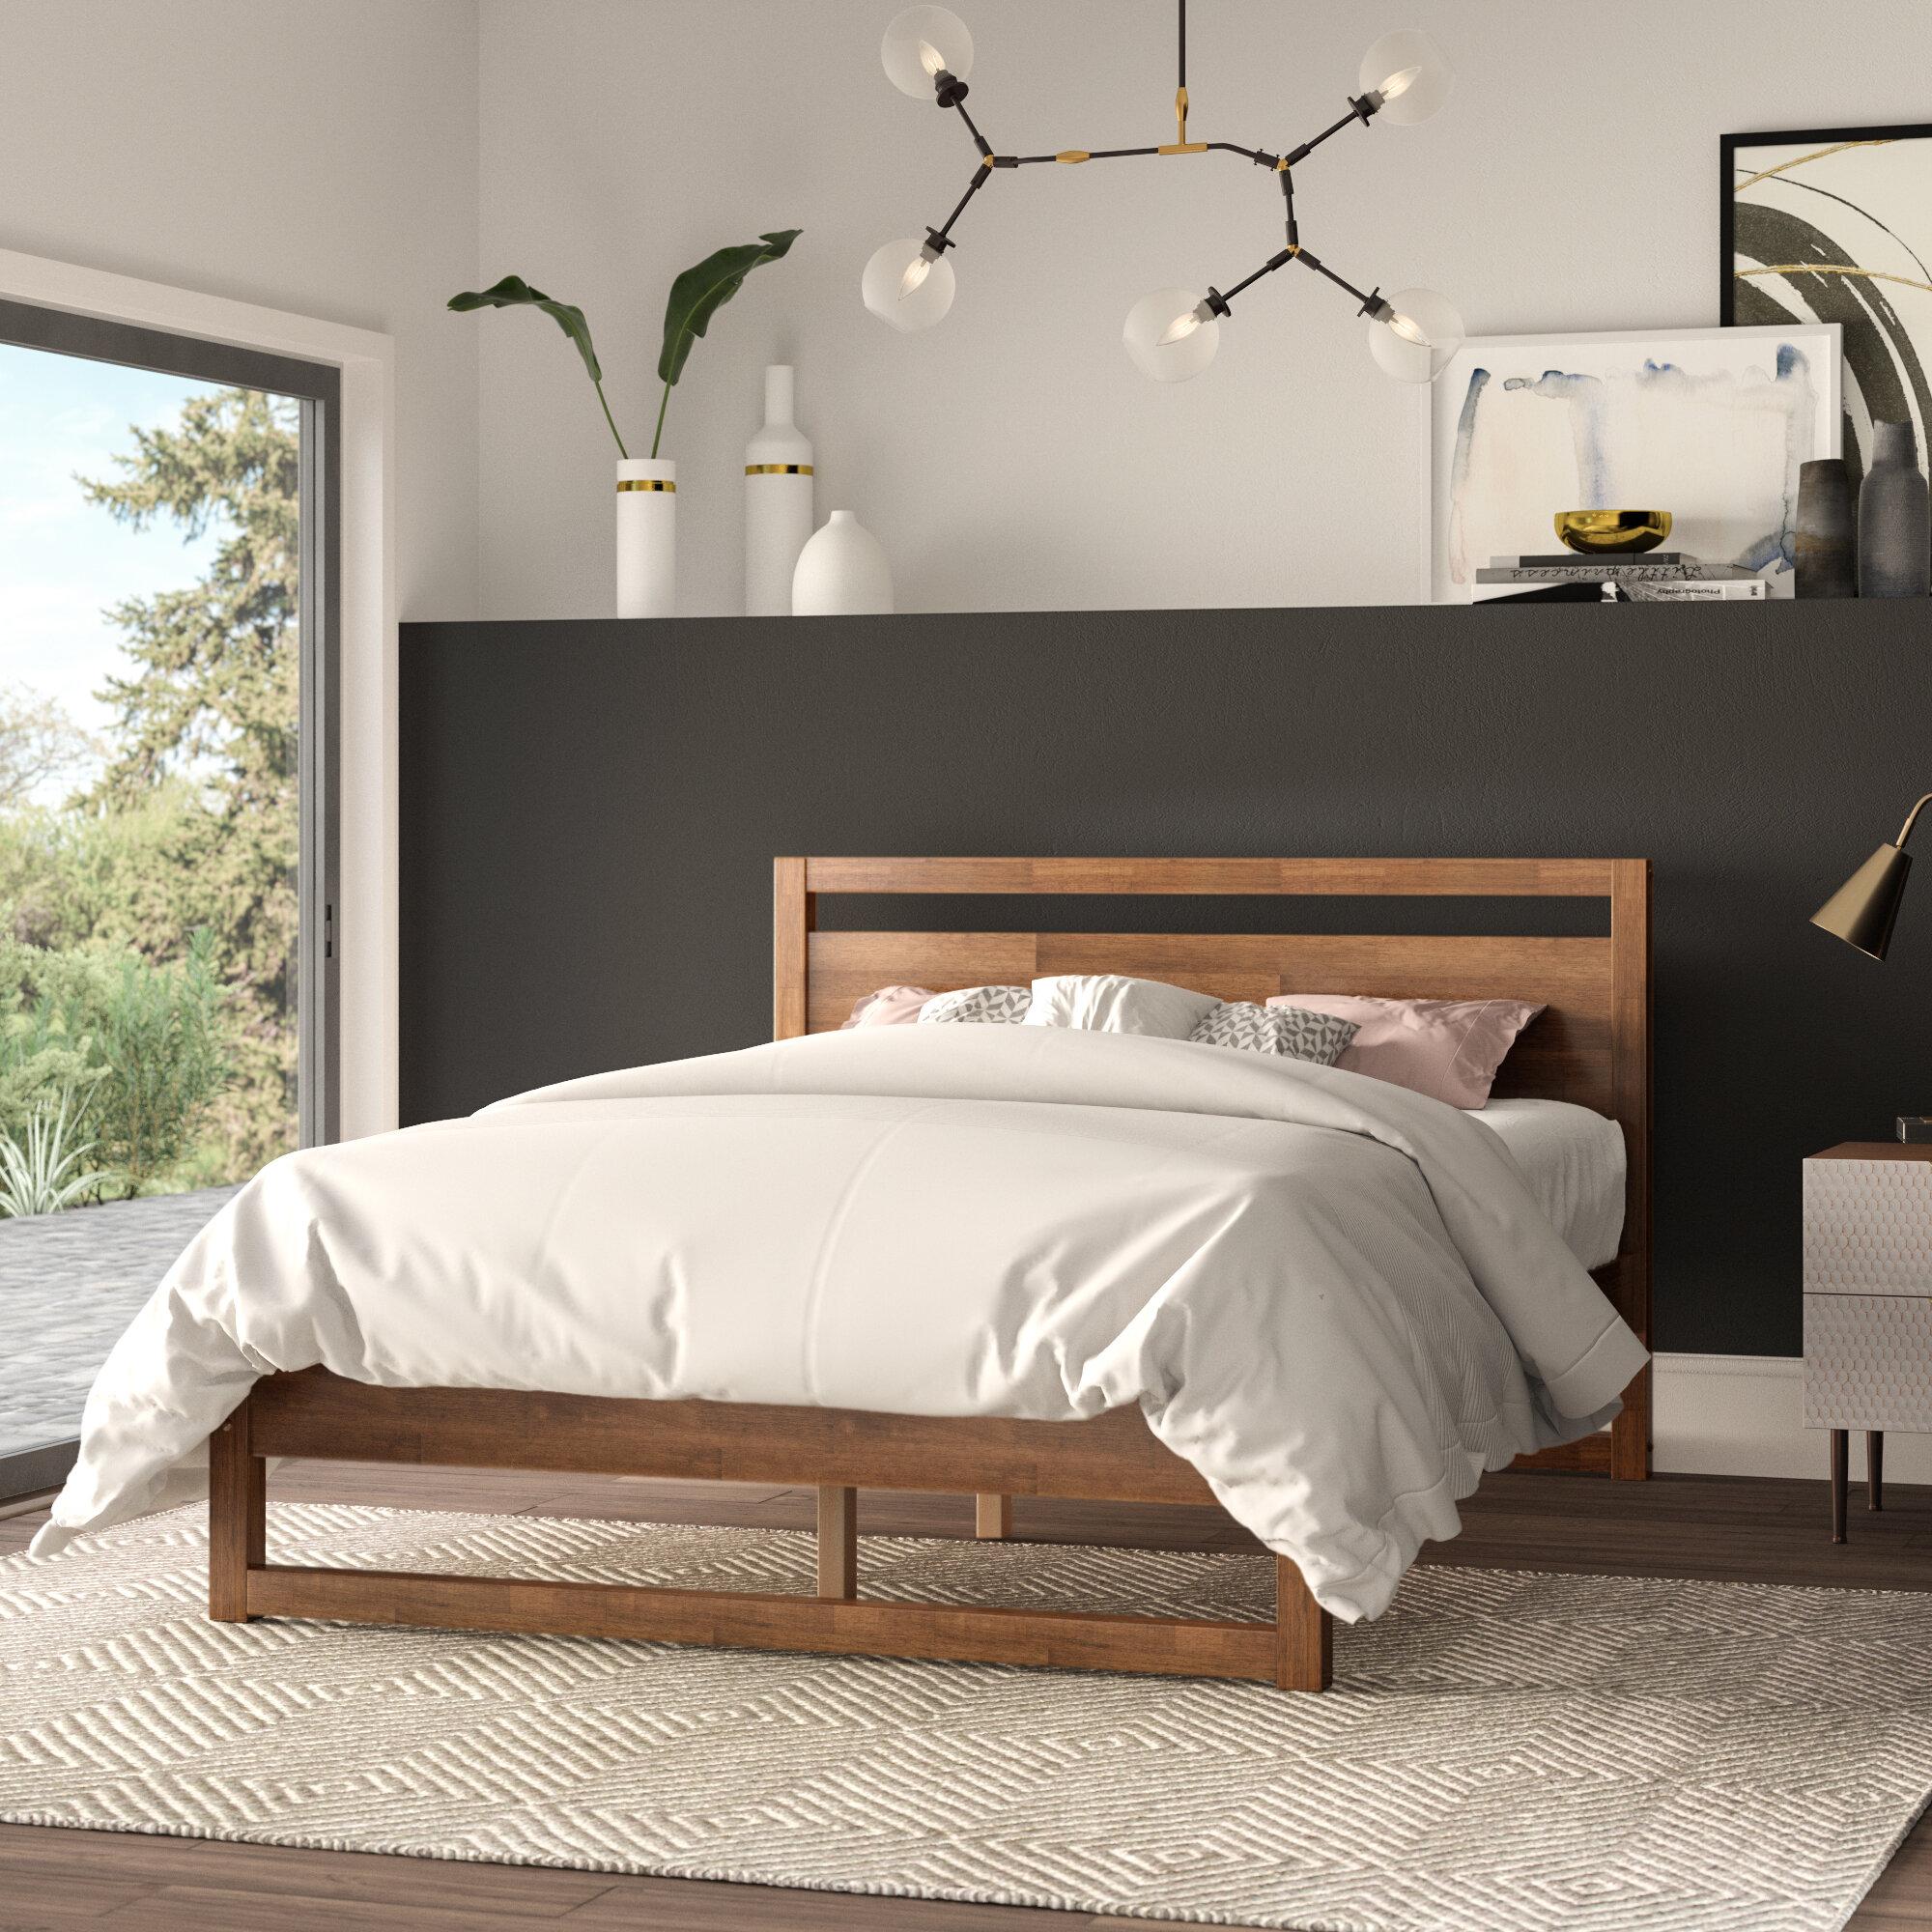 Mercury Row Teen Mid Century Modern Low Profile Standard Bed Reviews Wayfair